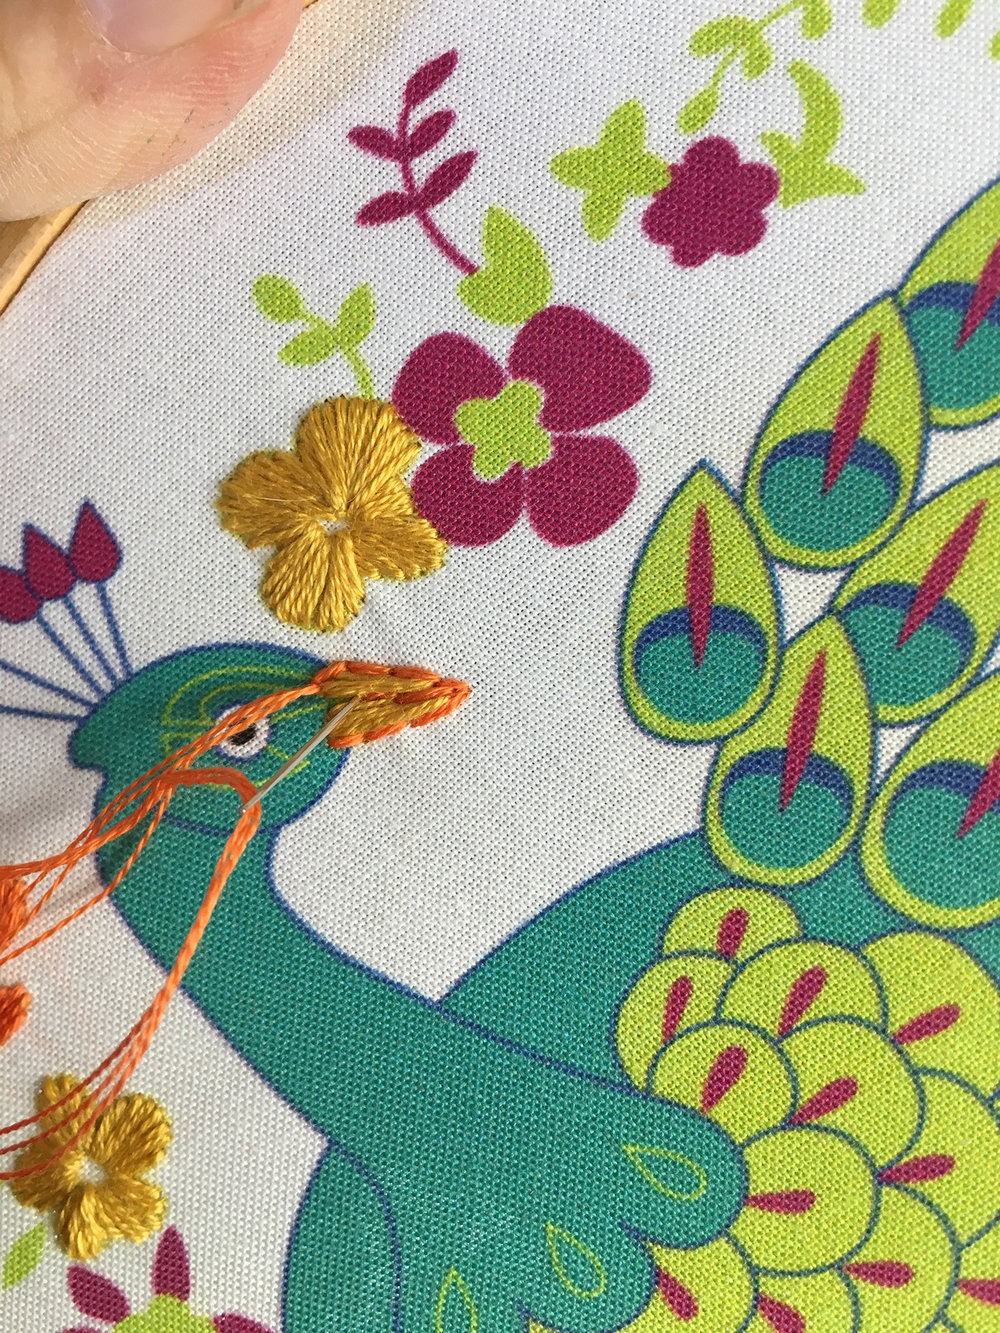 peacock beak 3 rikrack.jpg